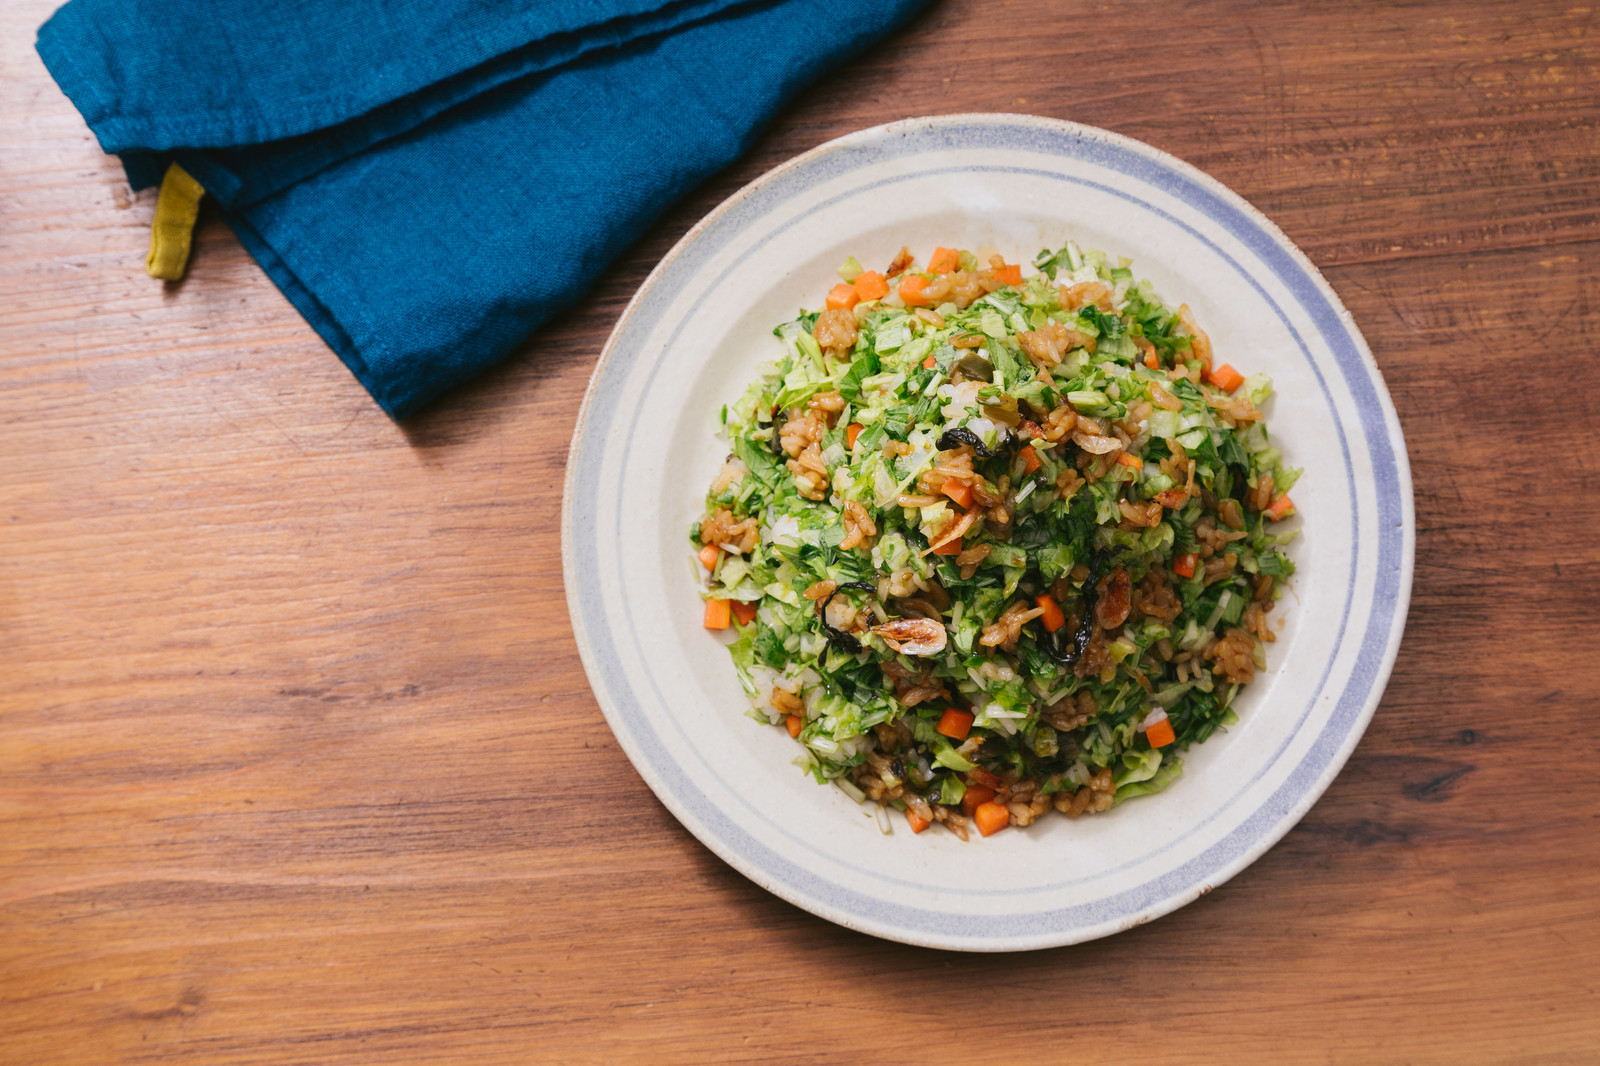 「シャッキシャキの野菜と高菜のうま味!「大盛りダイエット高菜チャーハン」」の写真